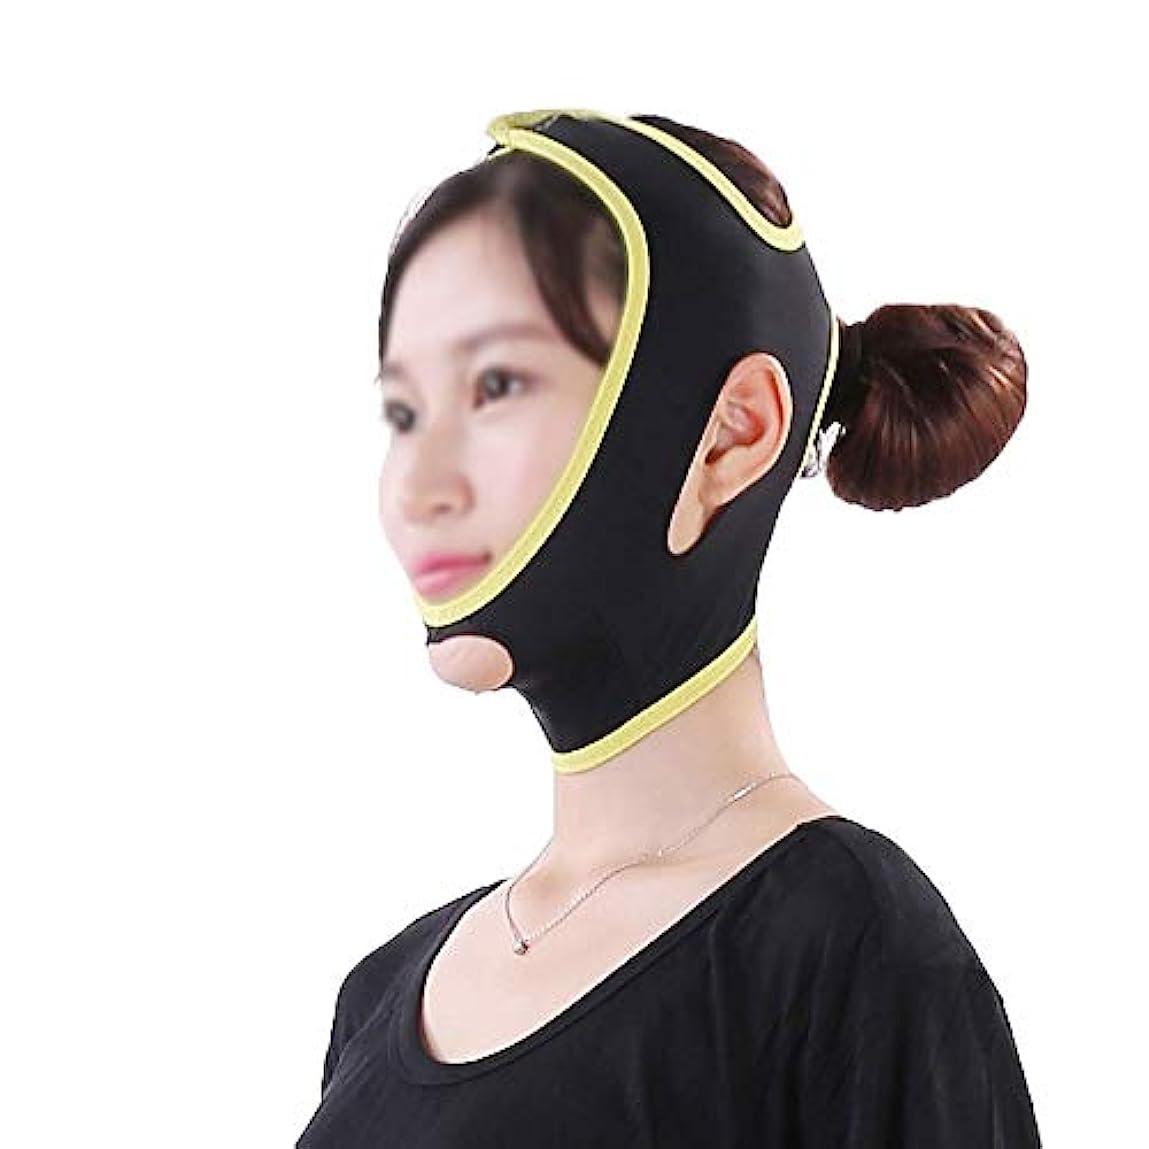 反毒ツーリスト構造的TLMY フェイス&ネックリフトシンフェイスマスクパワフルマスクフェイスリフトアーチファクトフェイスリフトフェイスツールシンフェイス包帯シンフェイスマスク美容マスク 顔用整形マスク (Size : L)